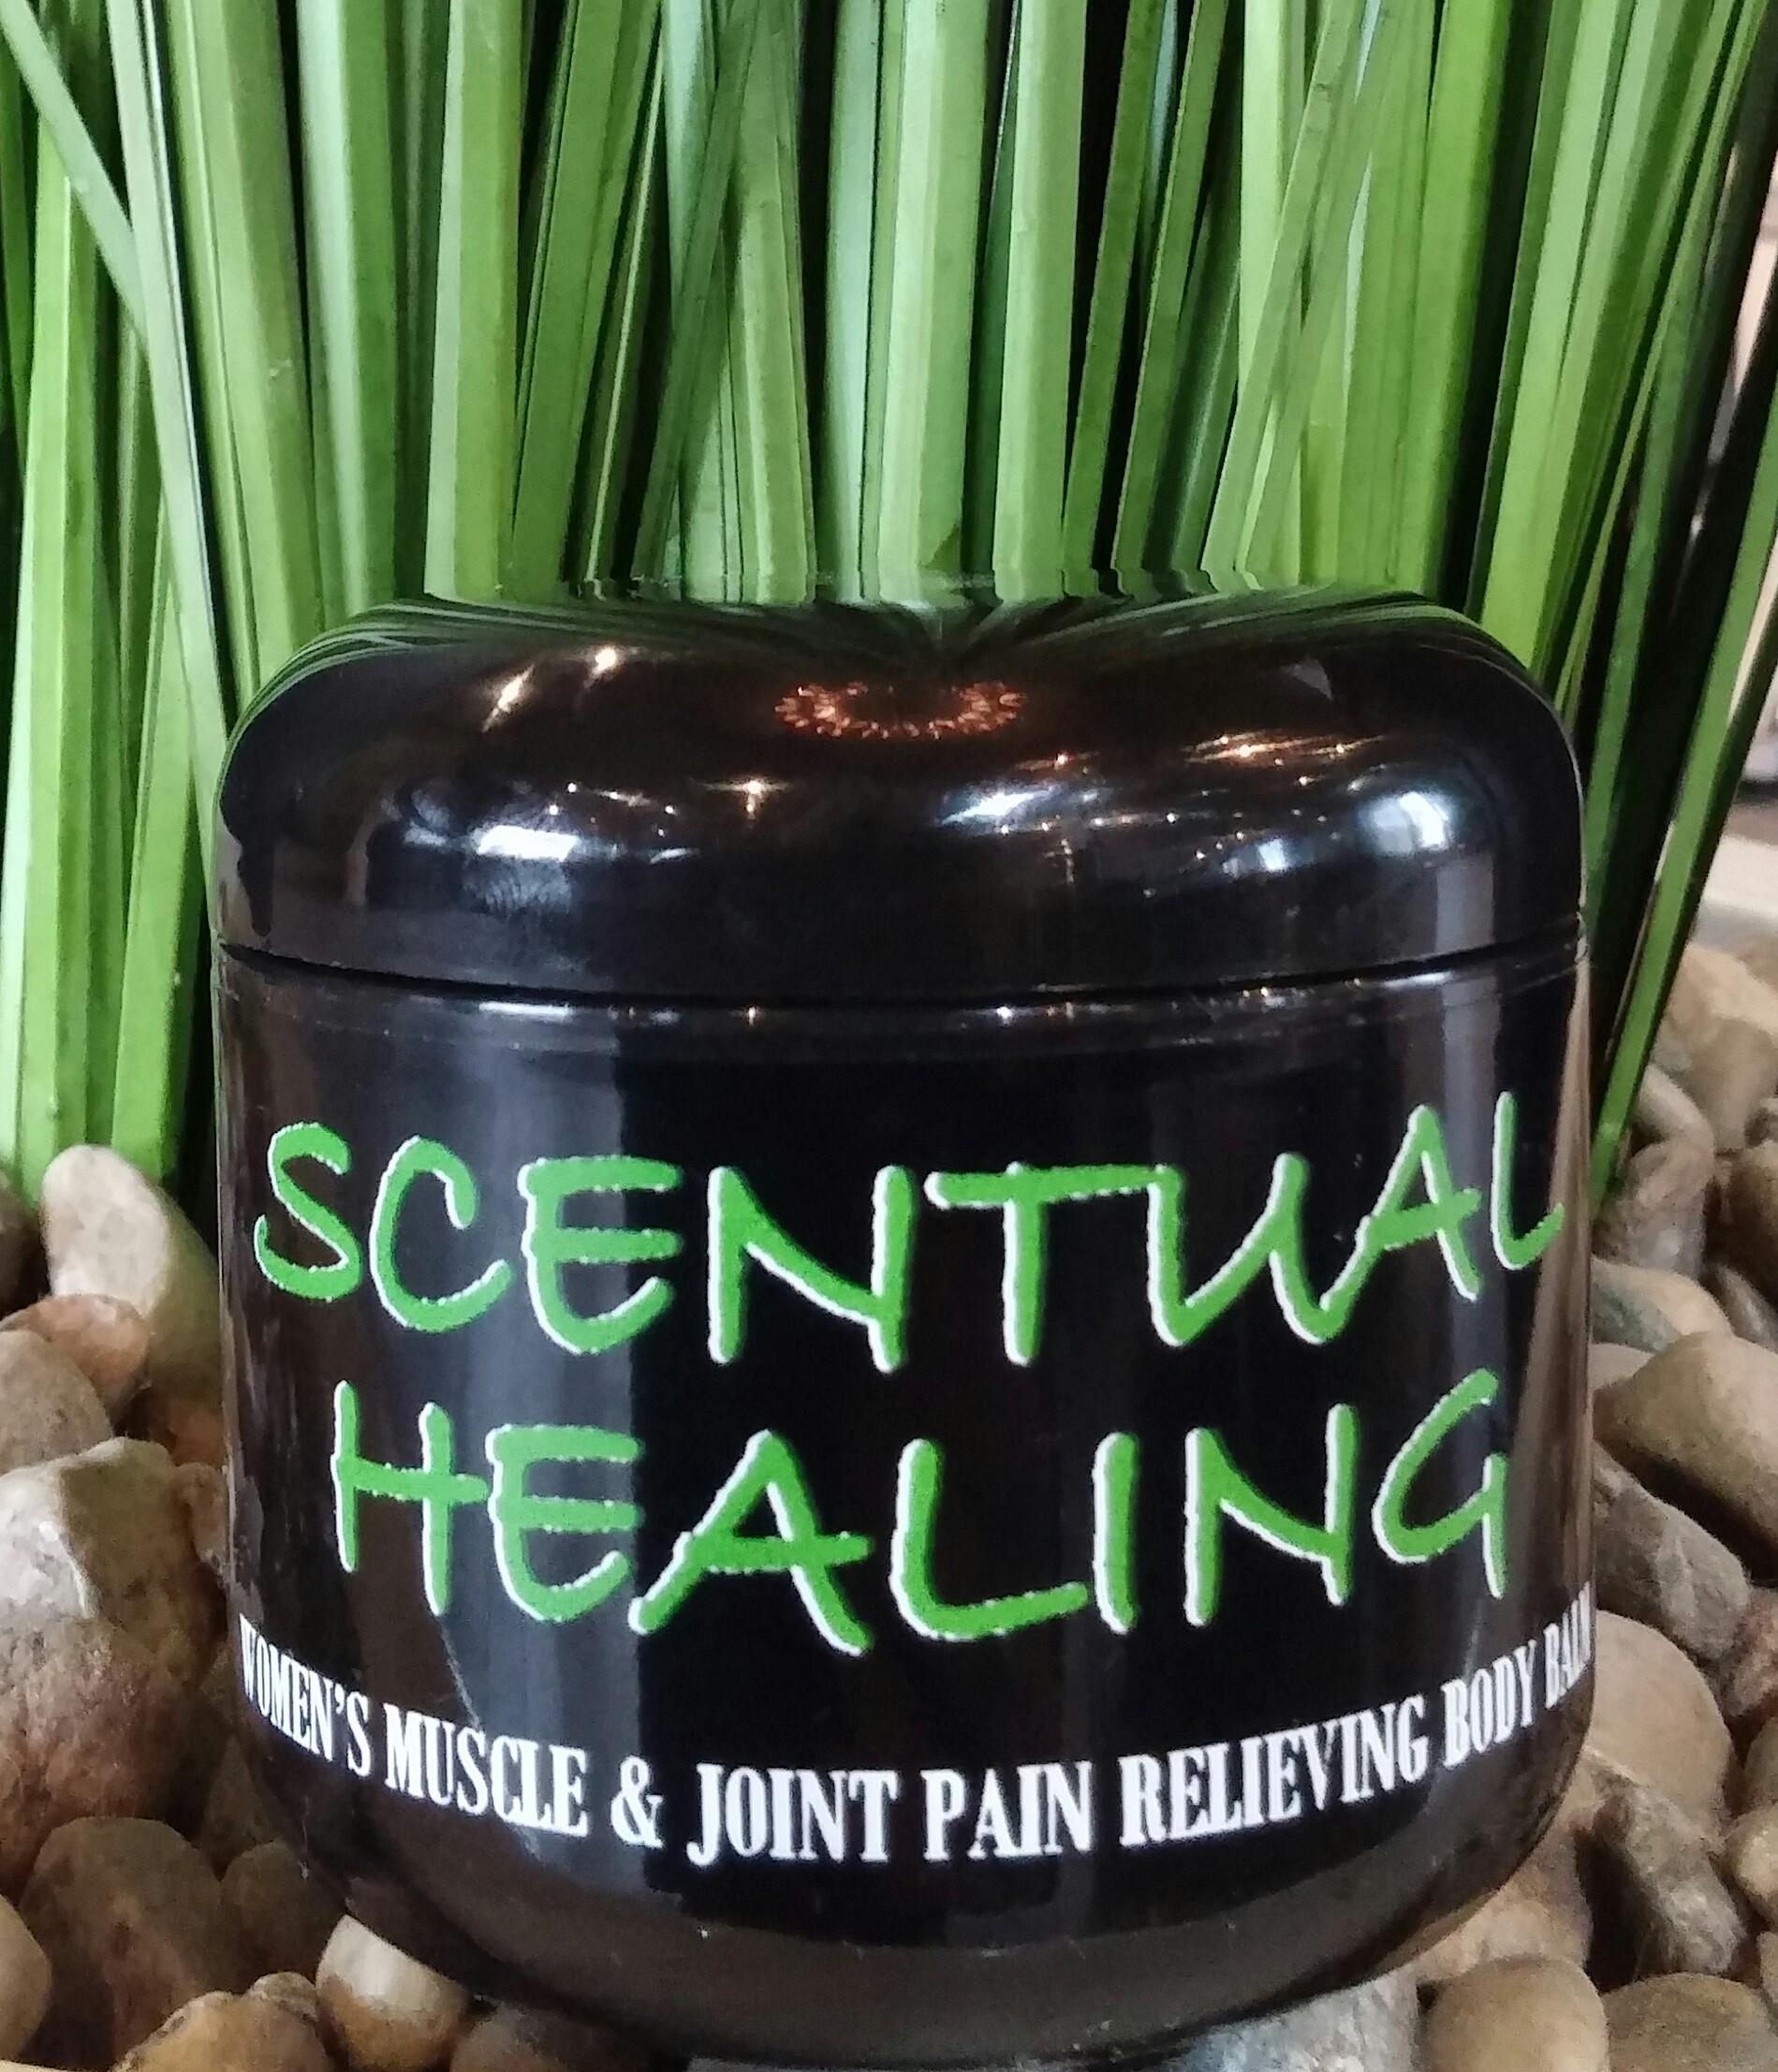 Invidia BODY - Scentual Healing